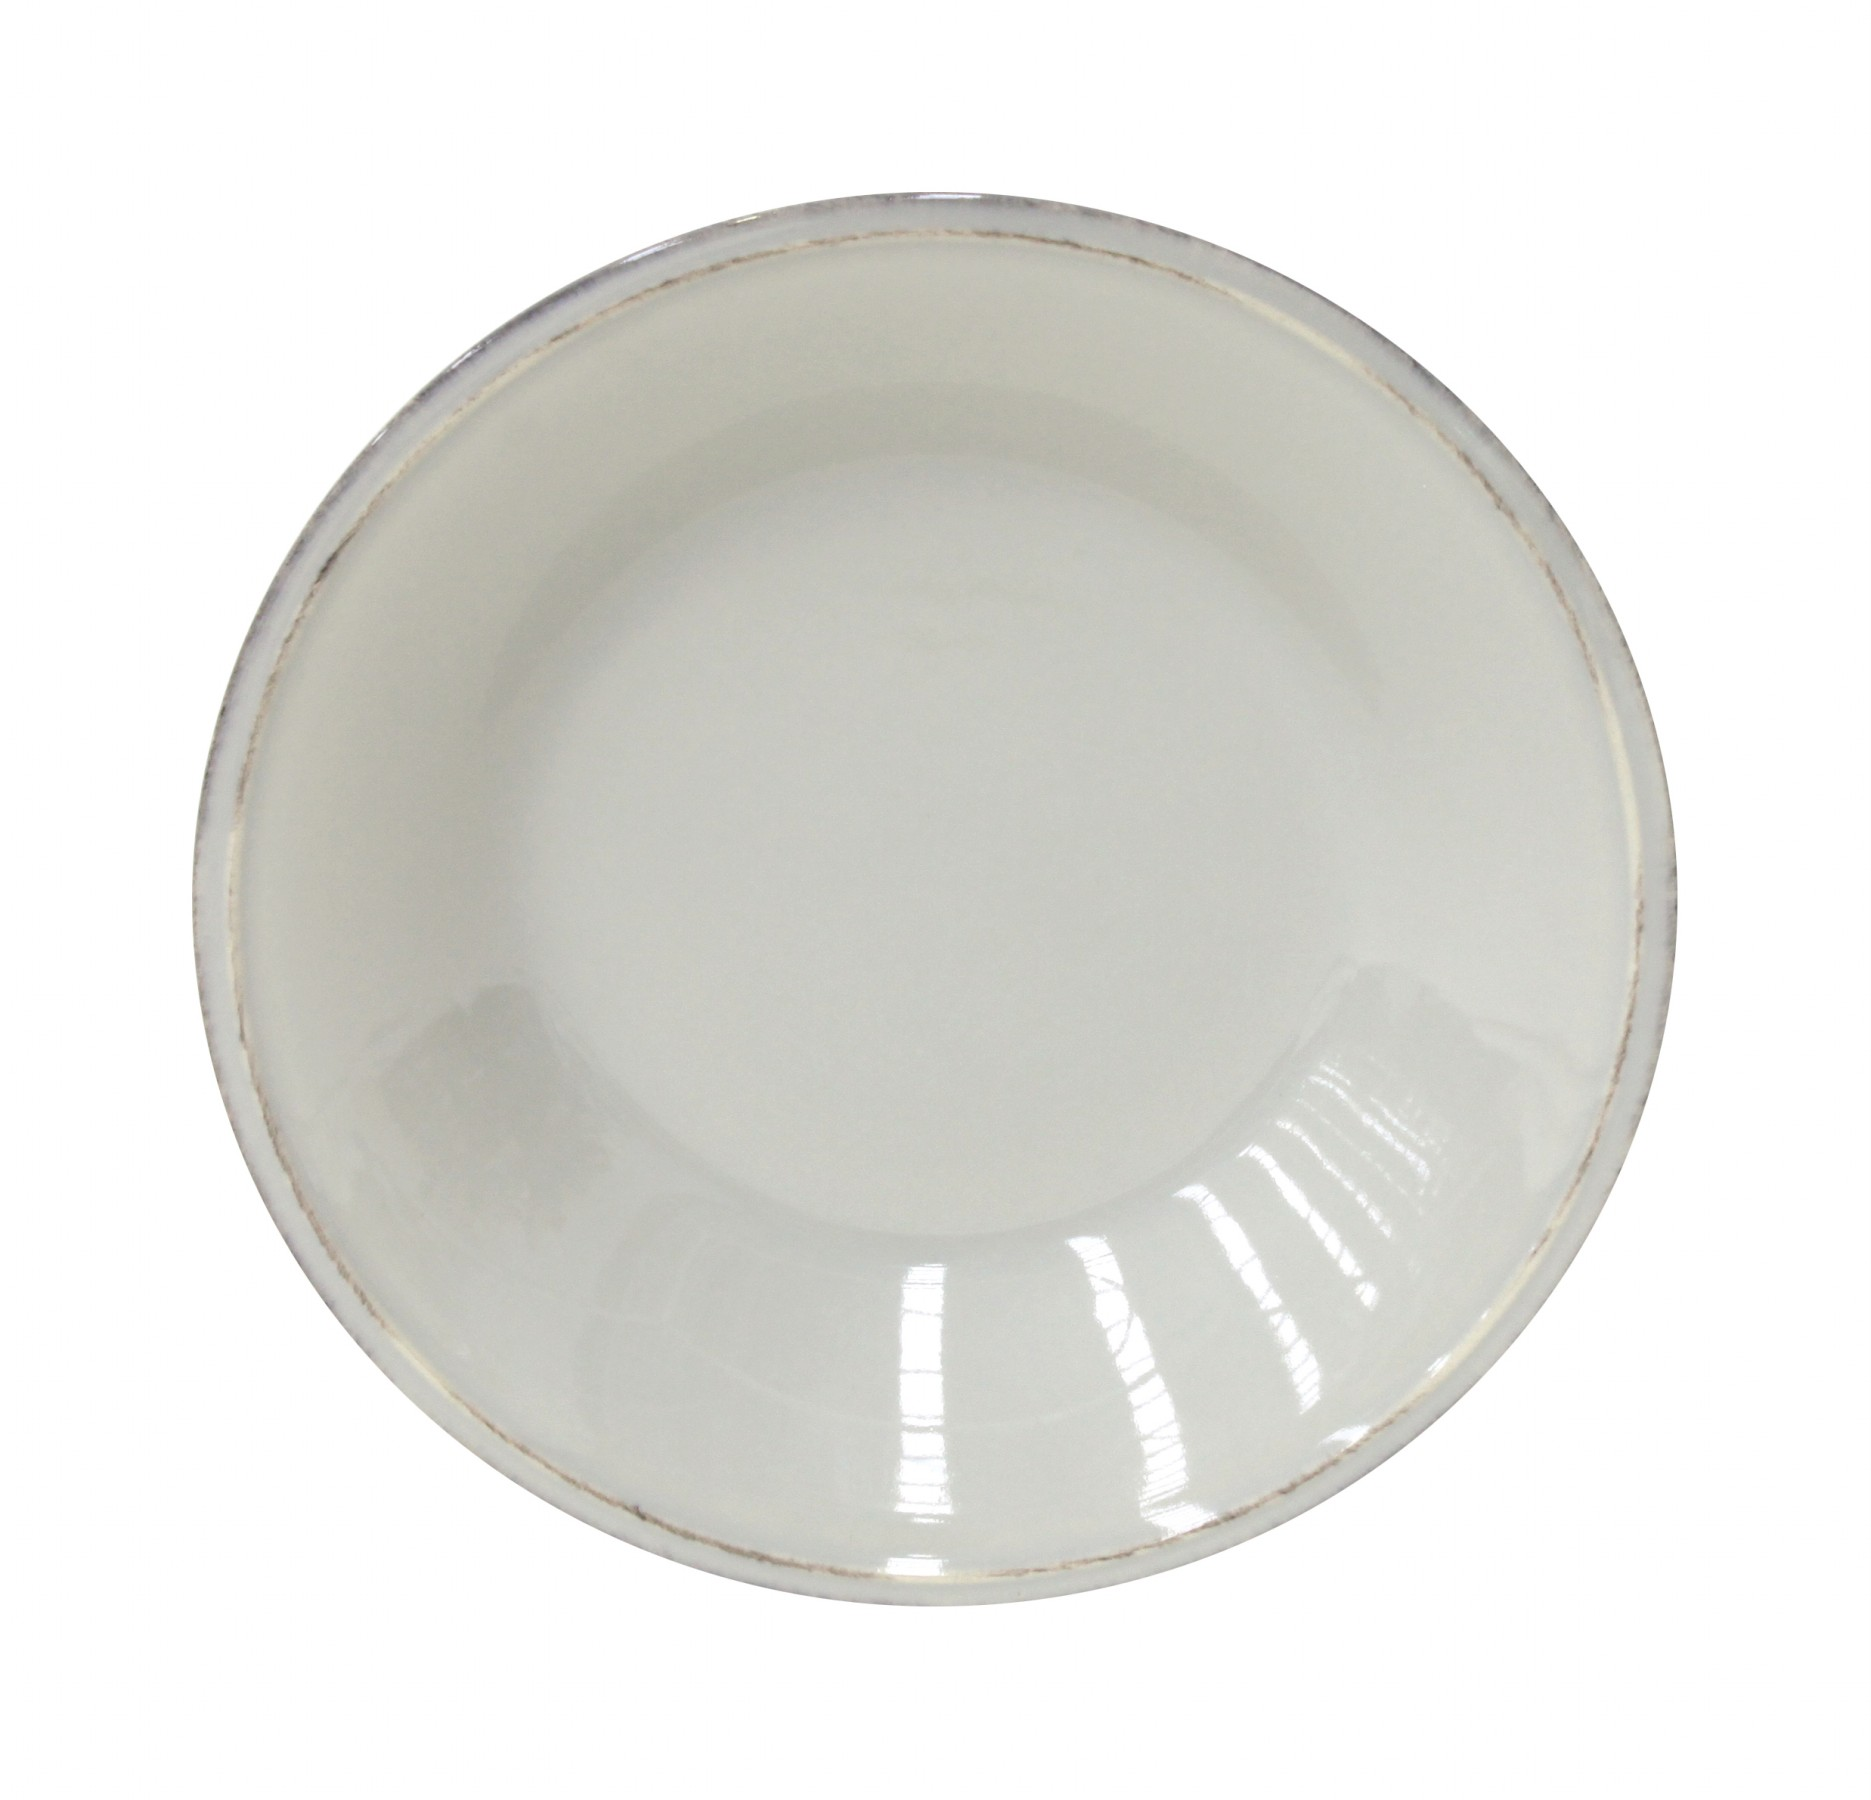 COSTA NOVA Talíř polévkový Friso 26cm šedý